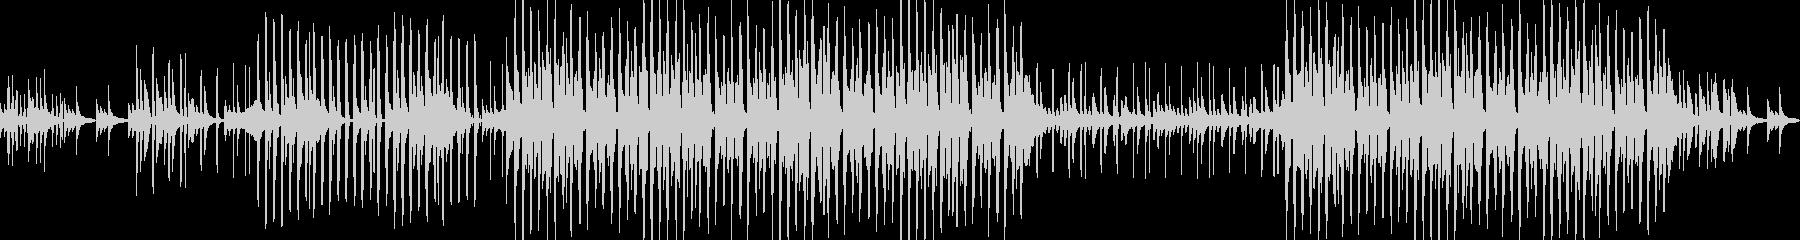 ティーン アクティブ 明るい ほの...の未再生の波形